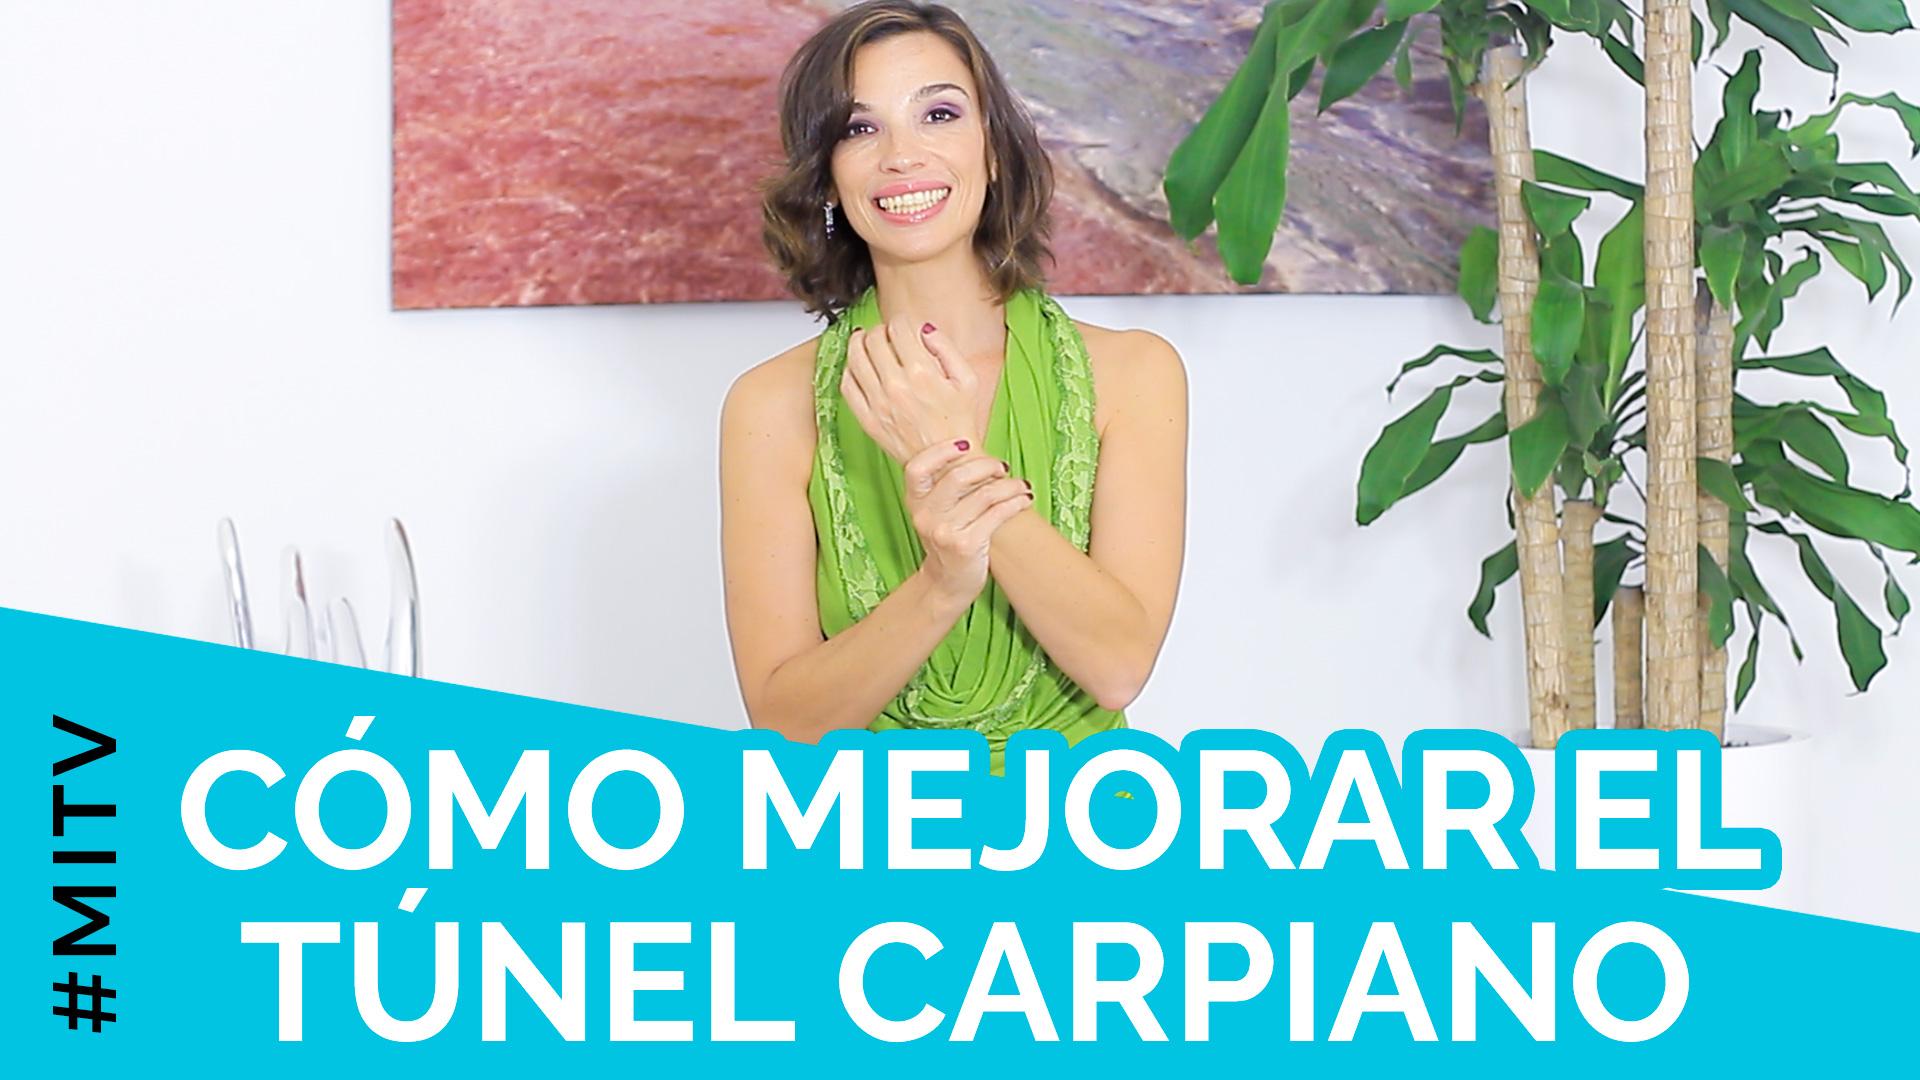 Cómo mejorar el síndrome del túnel carpiano